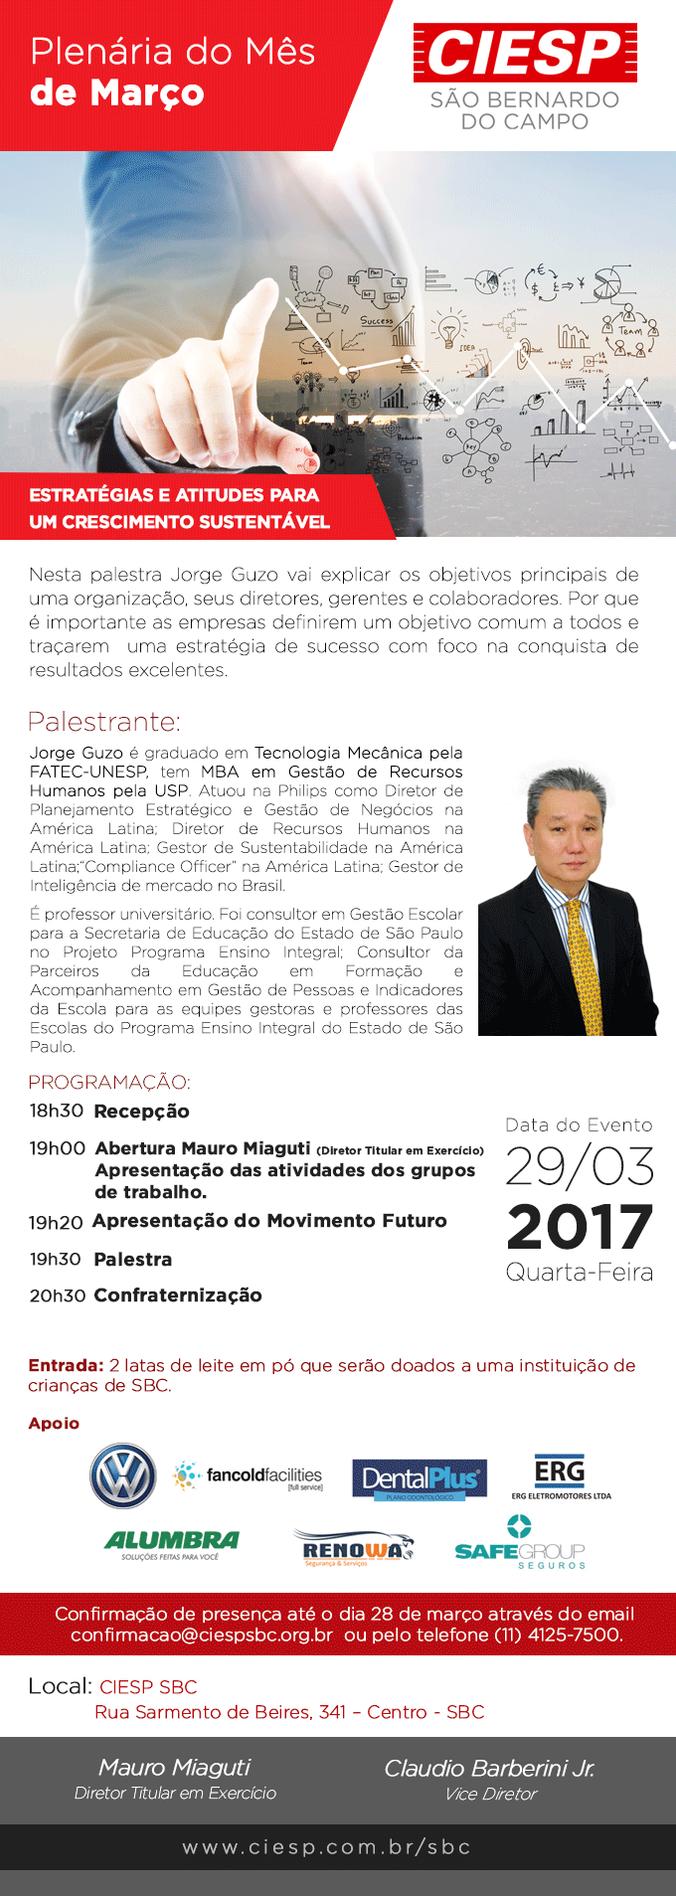 Convite: Palestra sobre Estratégias e Atitudes para um Crescimento Sustentável no CIESP São Bernardo